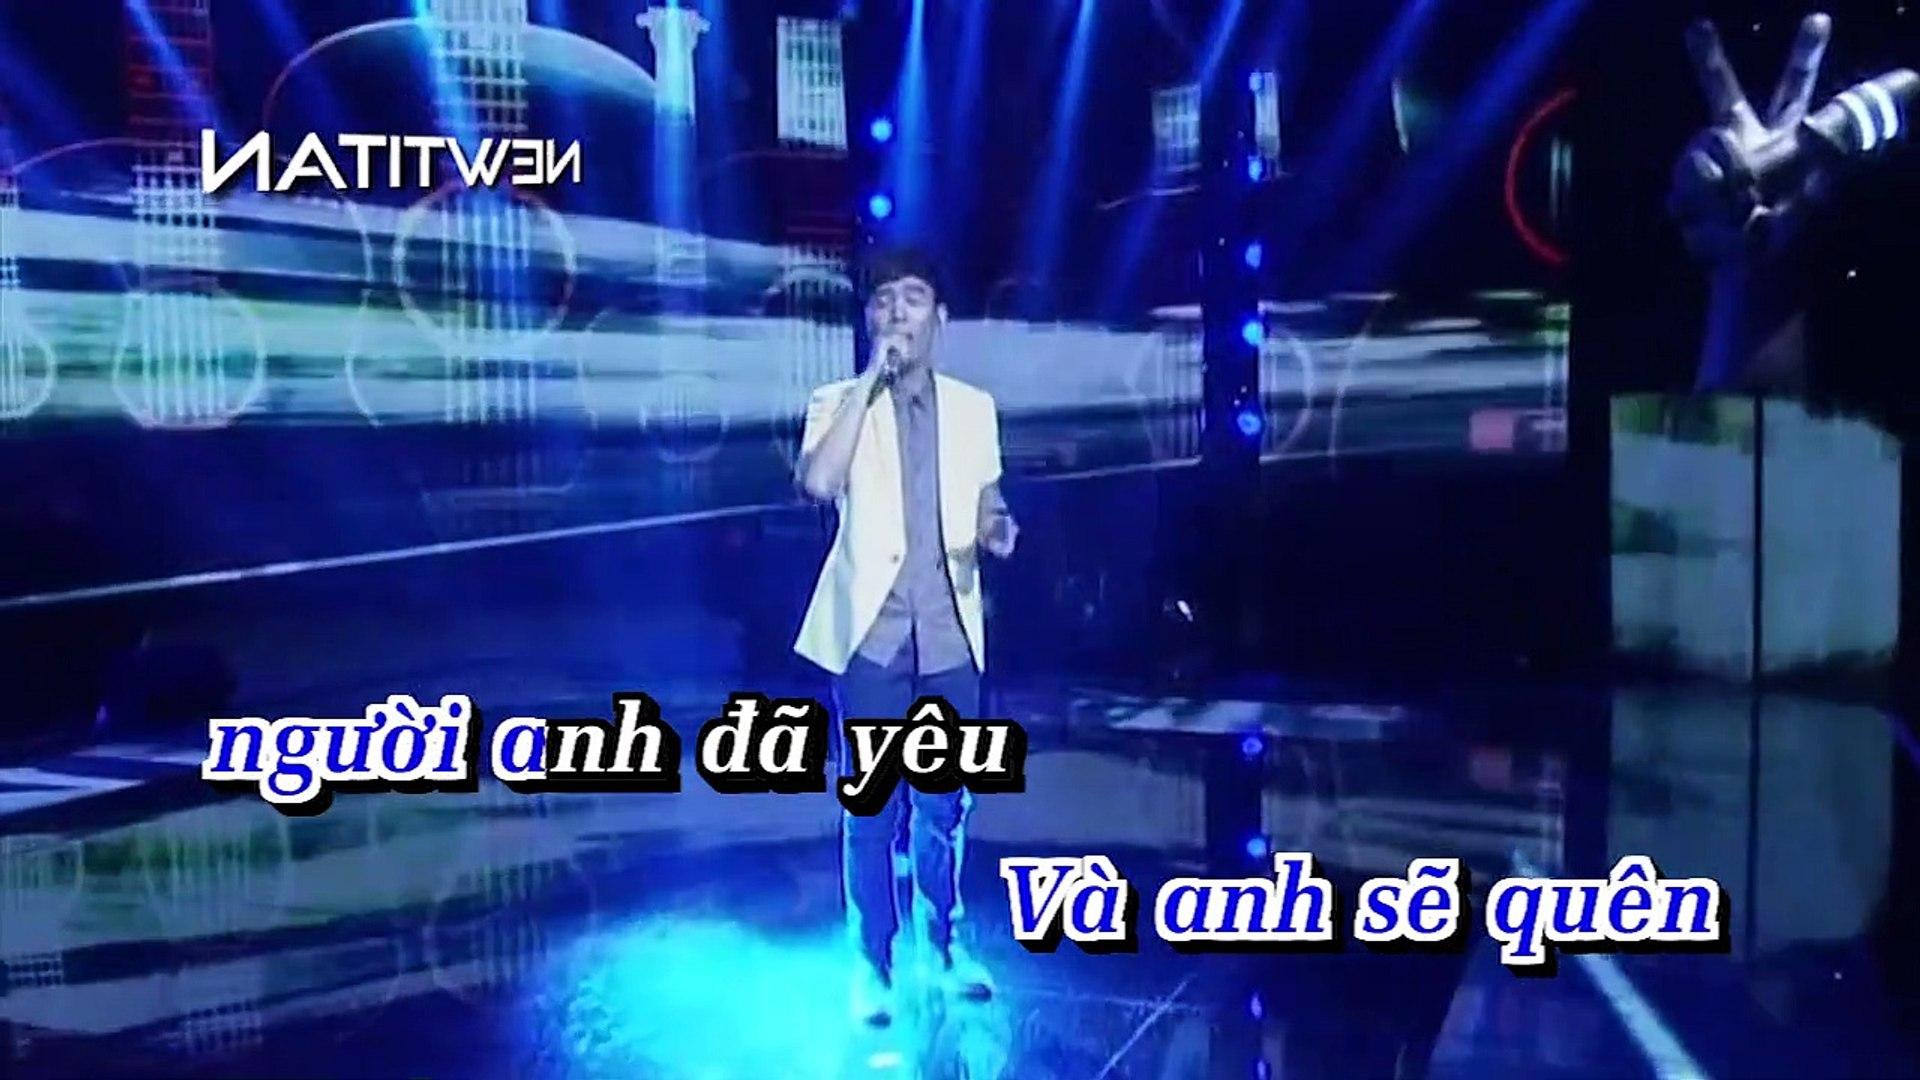 [Karaoke] Mùa Đi Qua Phố - Phạm Anh Duy [Beat]